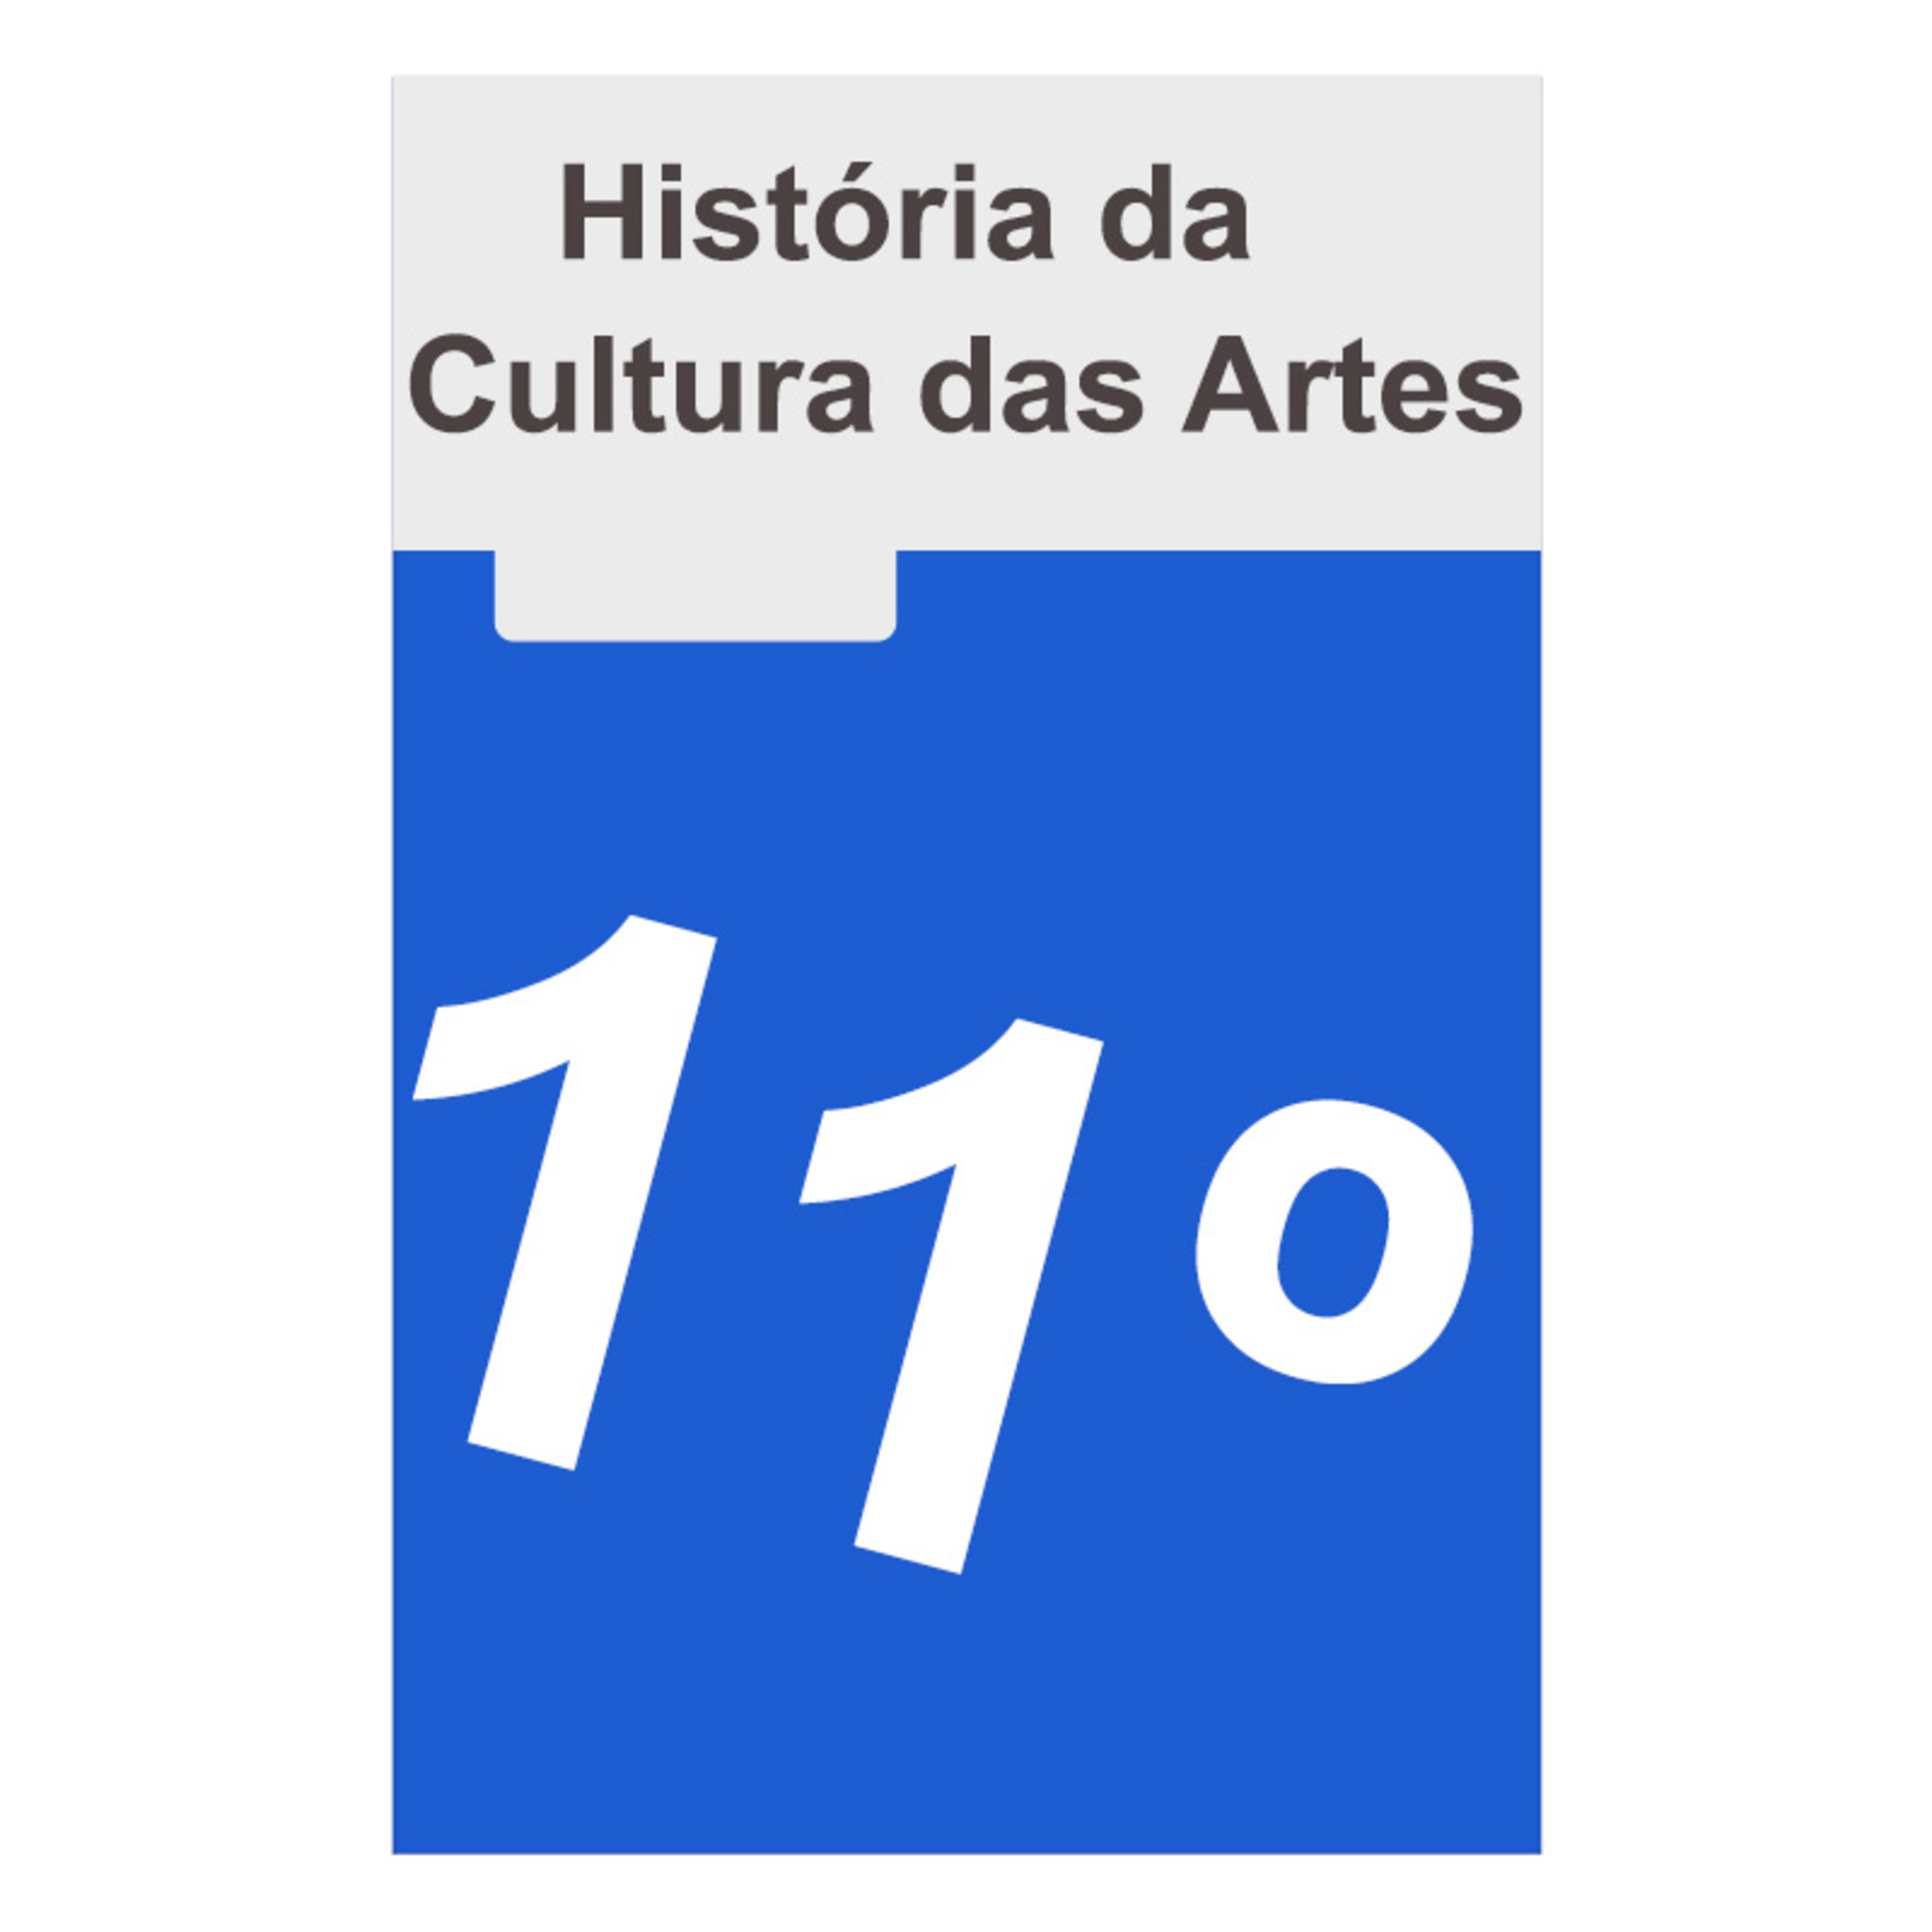 PORTO EDITORA - PORTO EDITORA Manual Ideias & Imagens (História da Cultura e das Artes; 11º Ano)